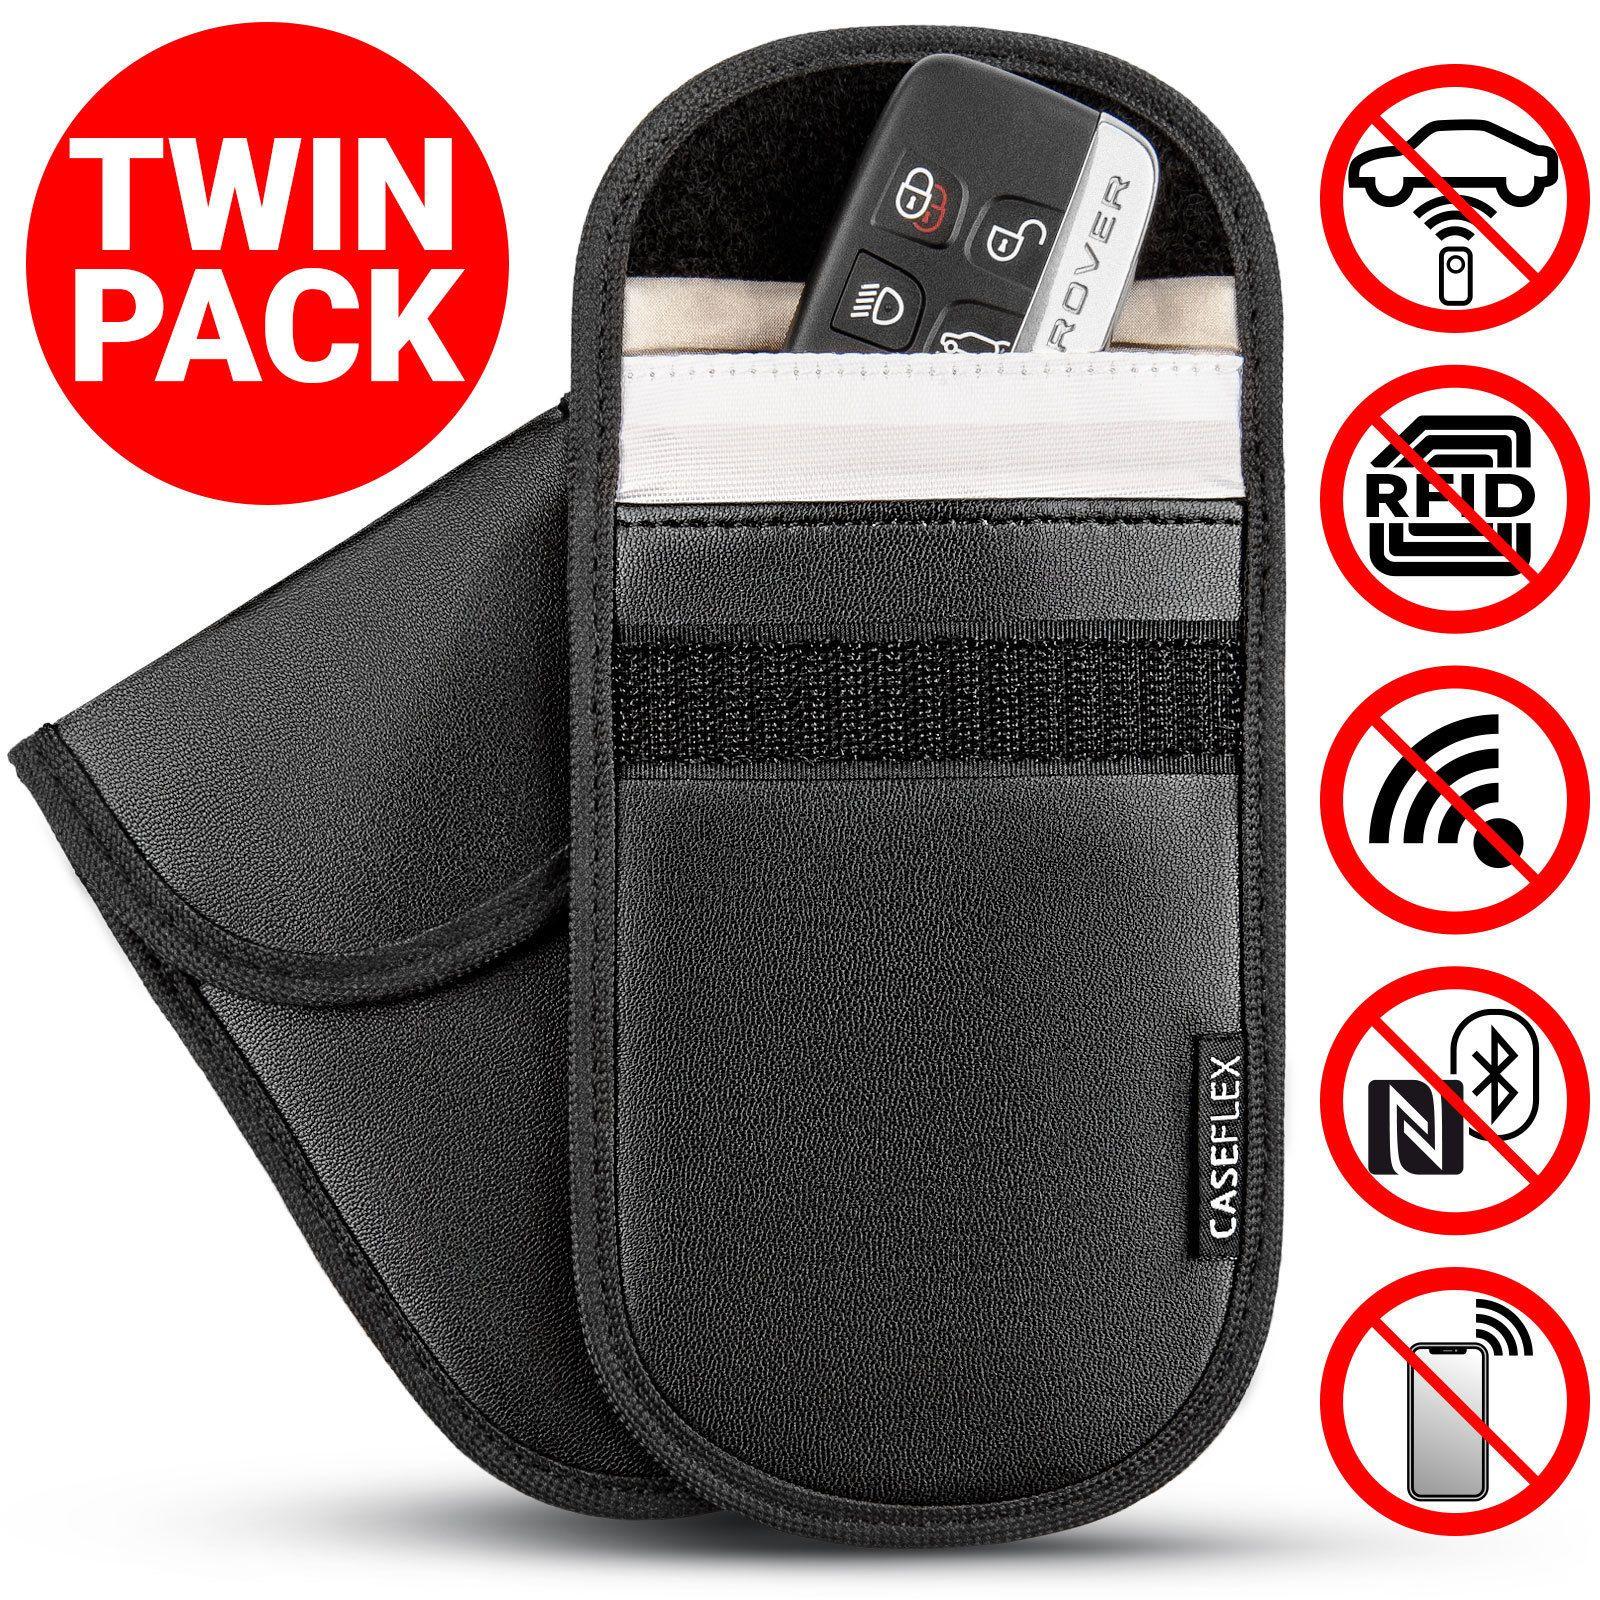 2 x car key signal blocker case faraday cage fob pouch